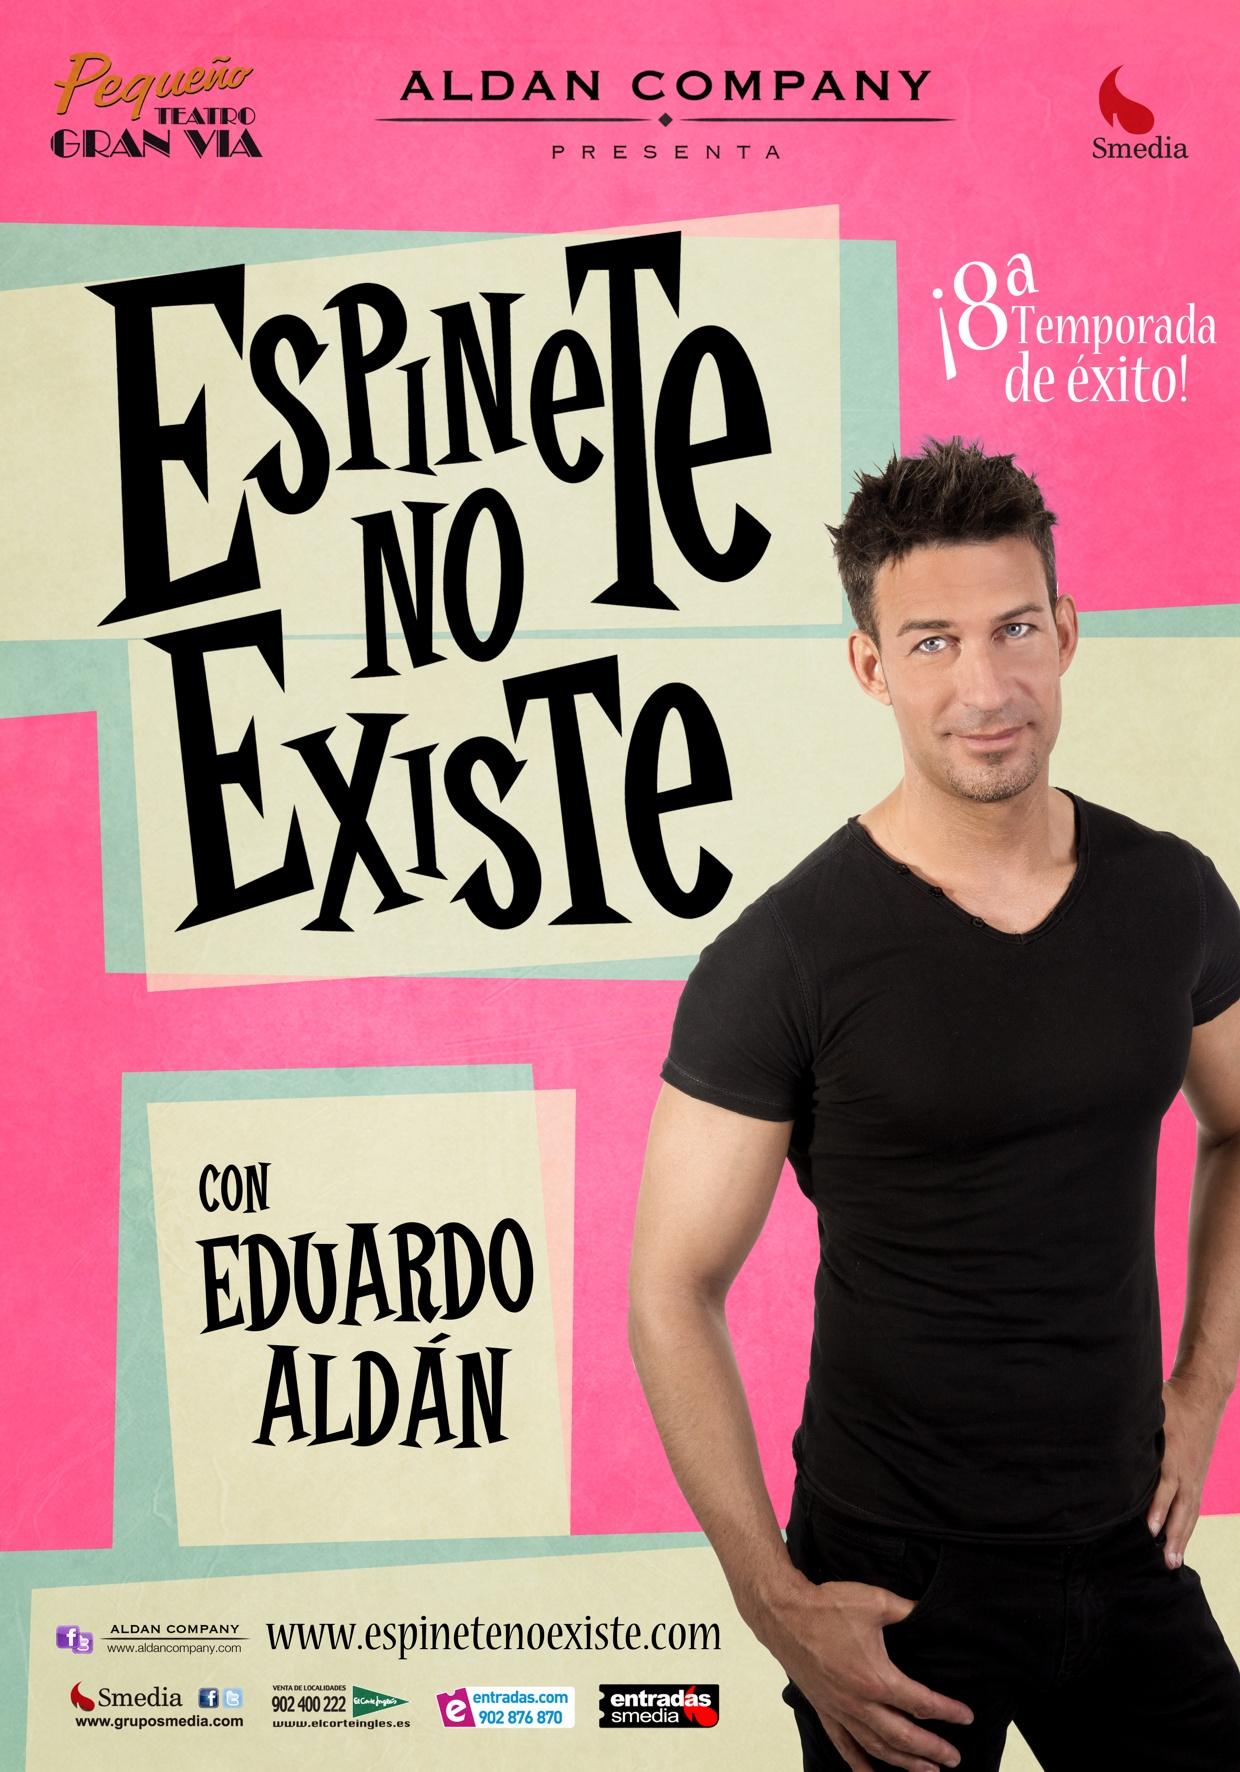 espinete-no-existe-eduardo-aldan-smedia-a4